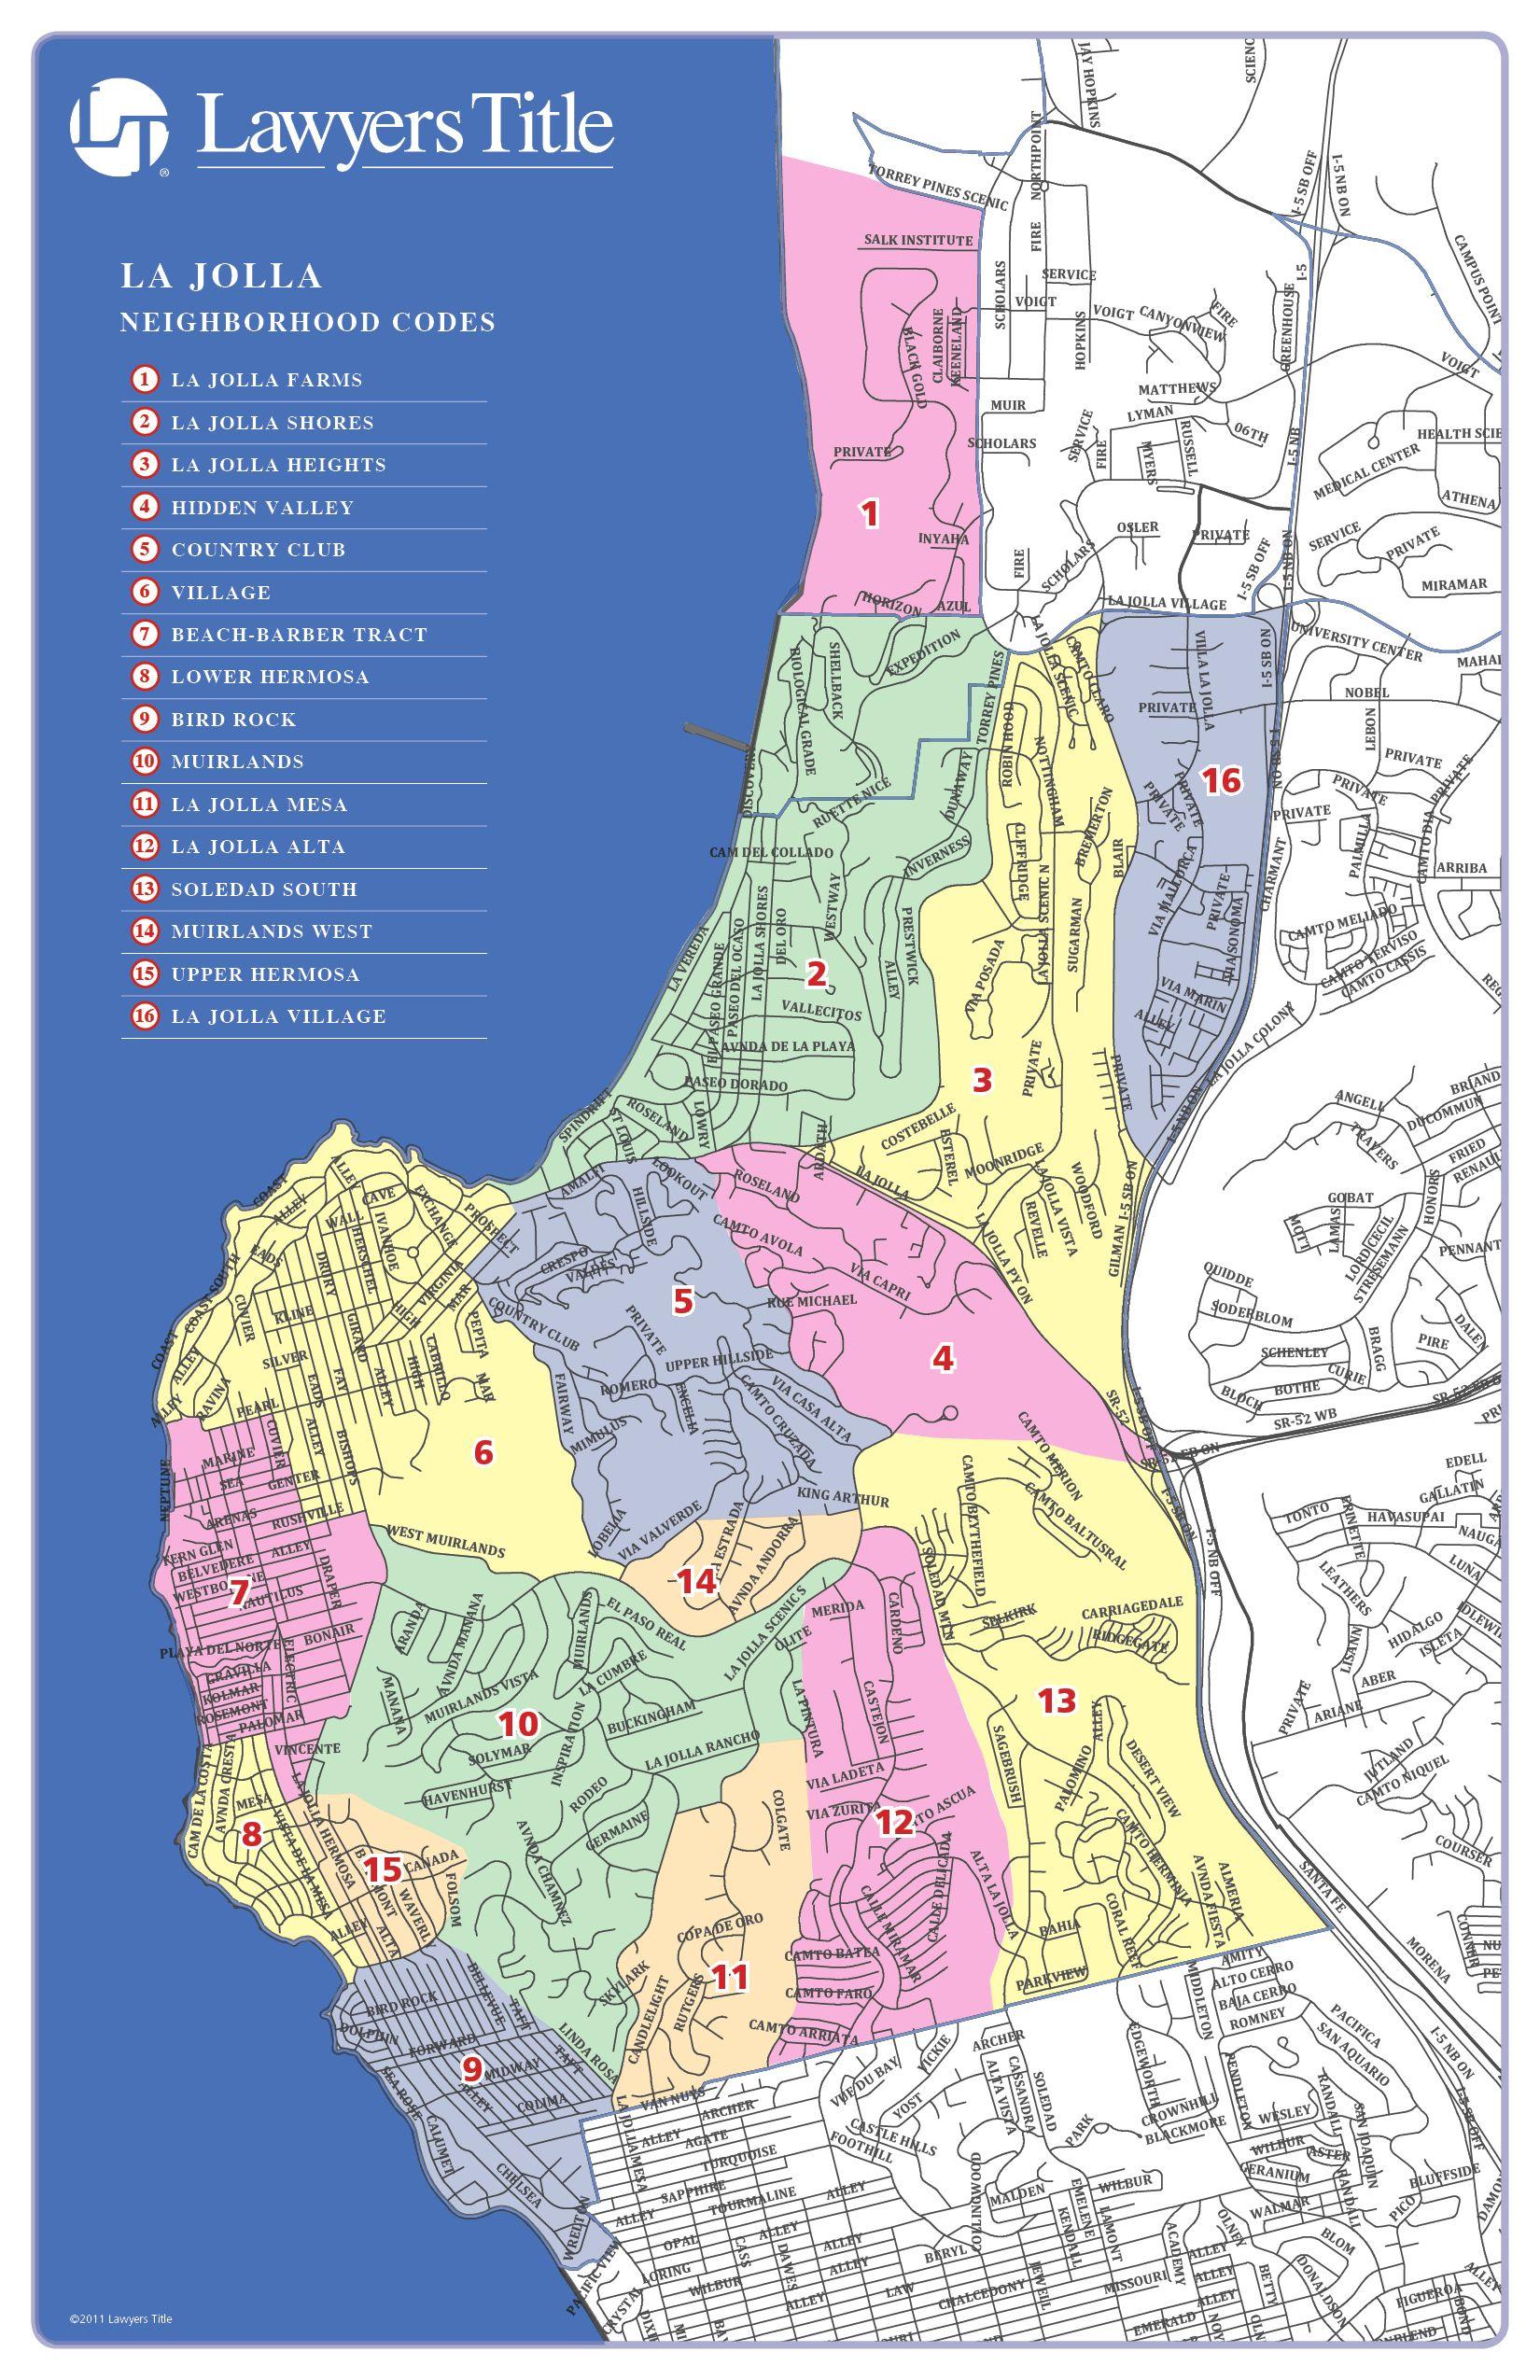 map of la jolla california neighborhoods and la jolla weekend open